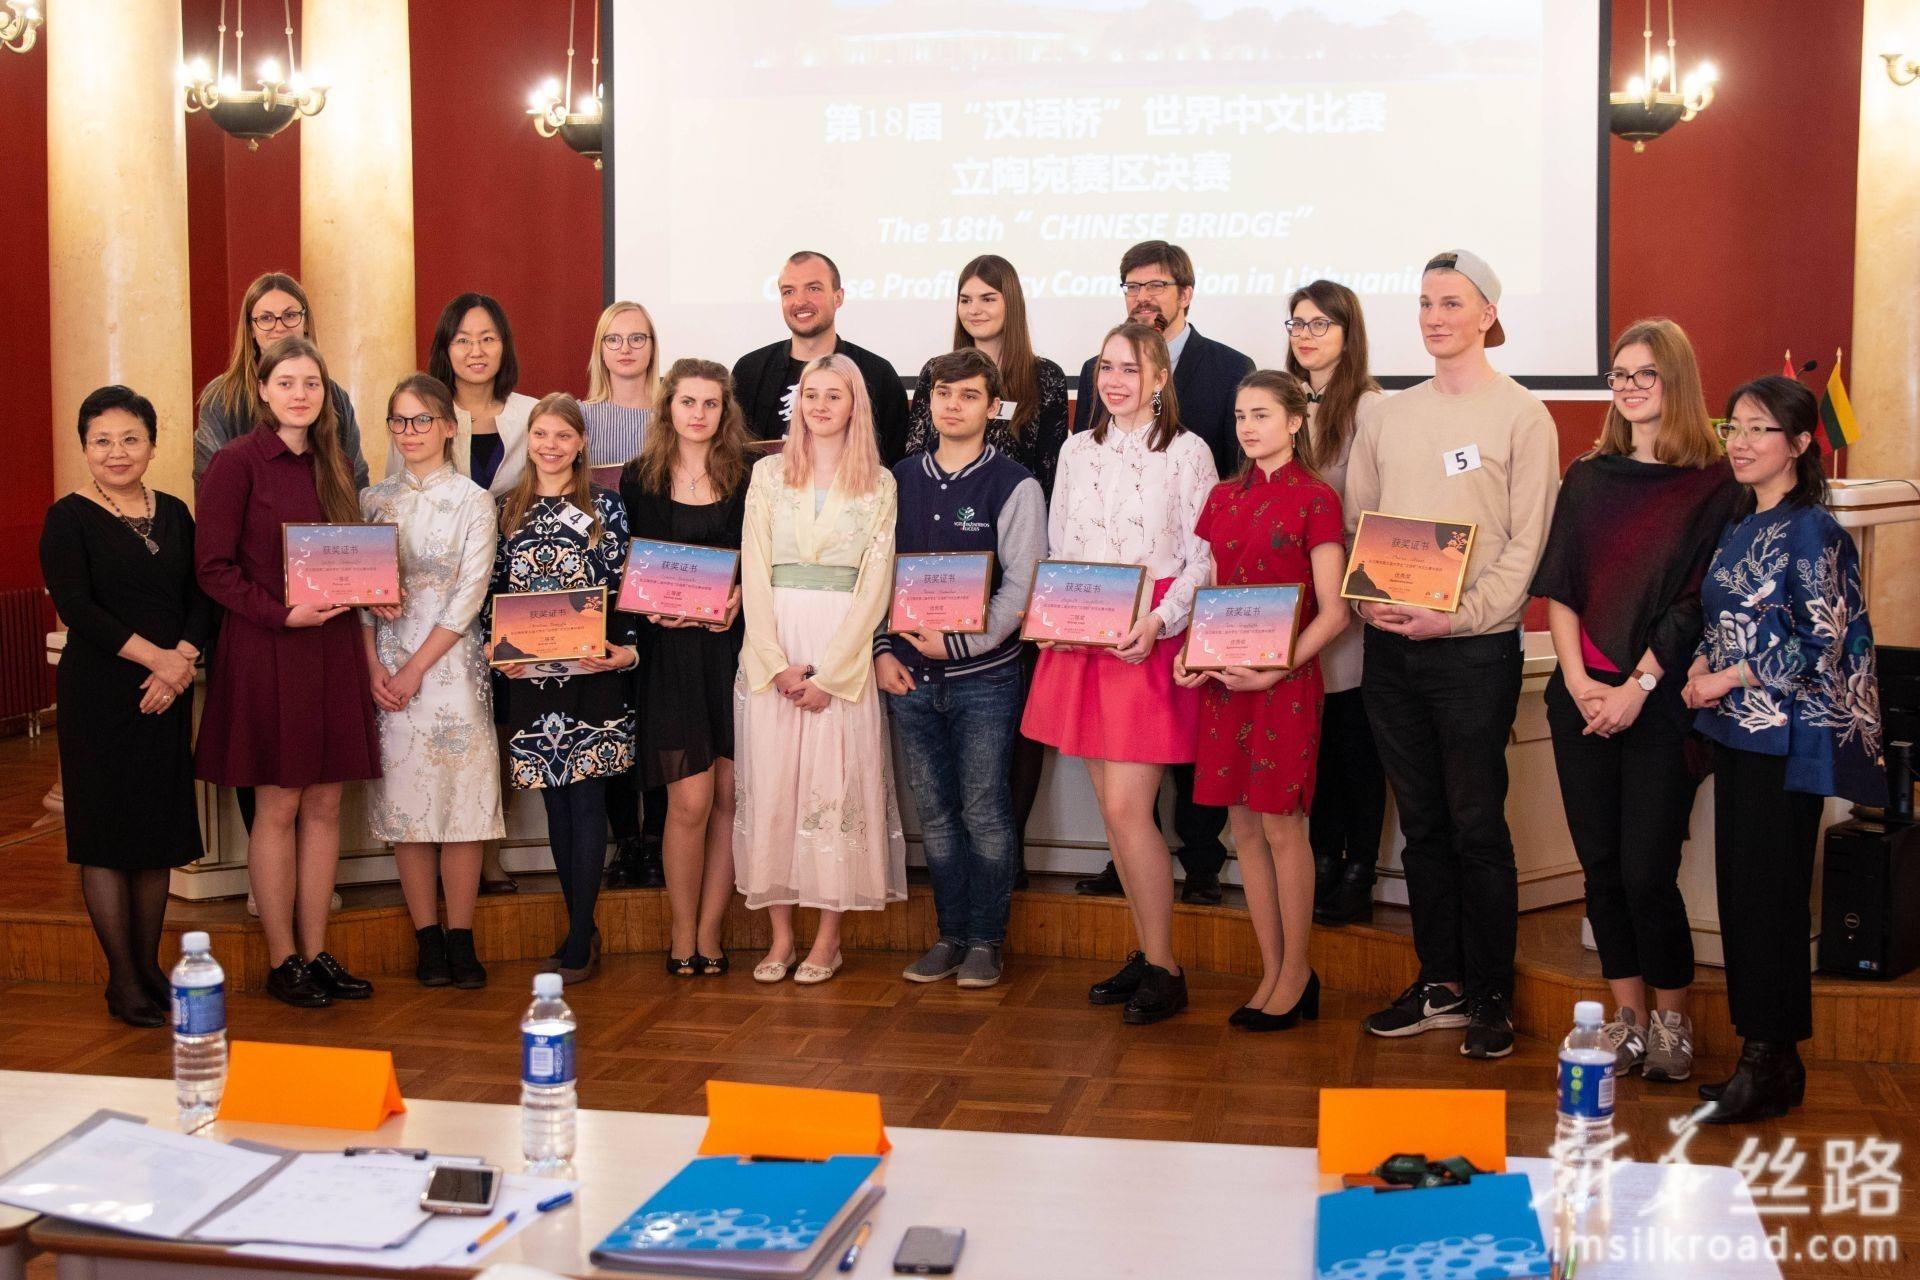 5月4日,在立陶宛首都维尔纽斯,参赛选手与嘉宾、评委在赛后合影留念。新华社发(斯特凡尼娅摄)